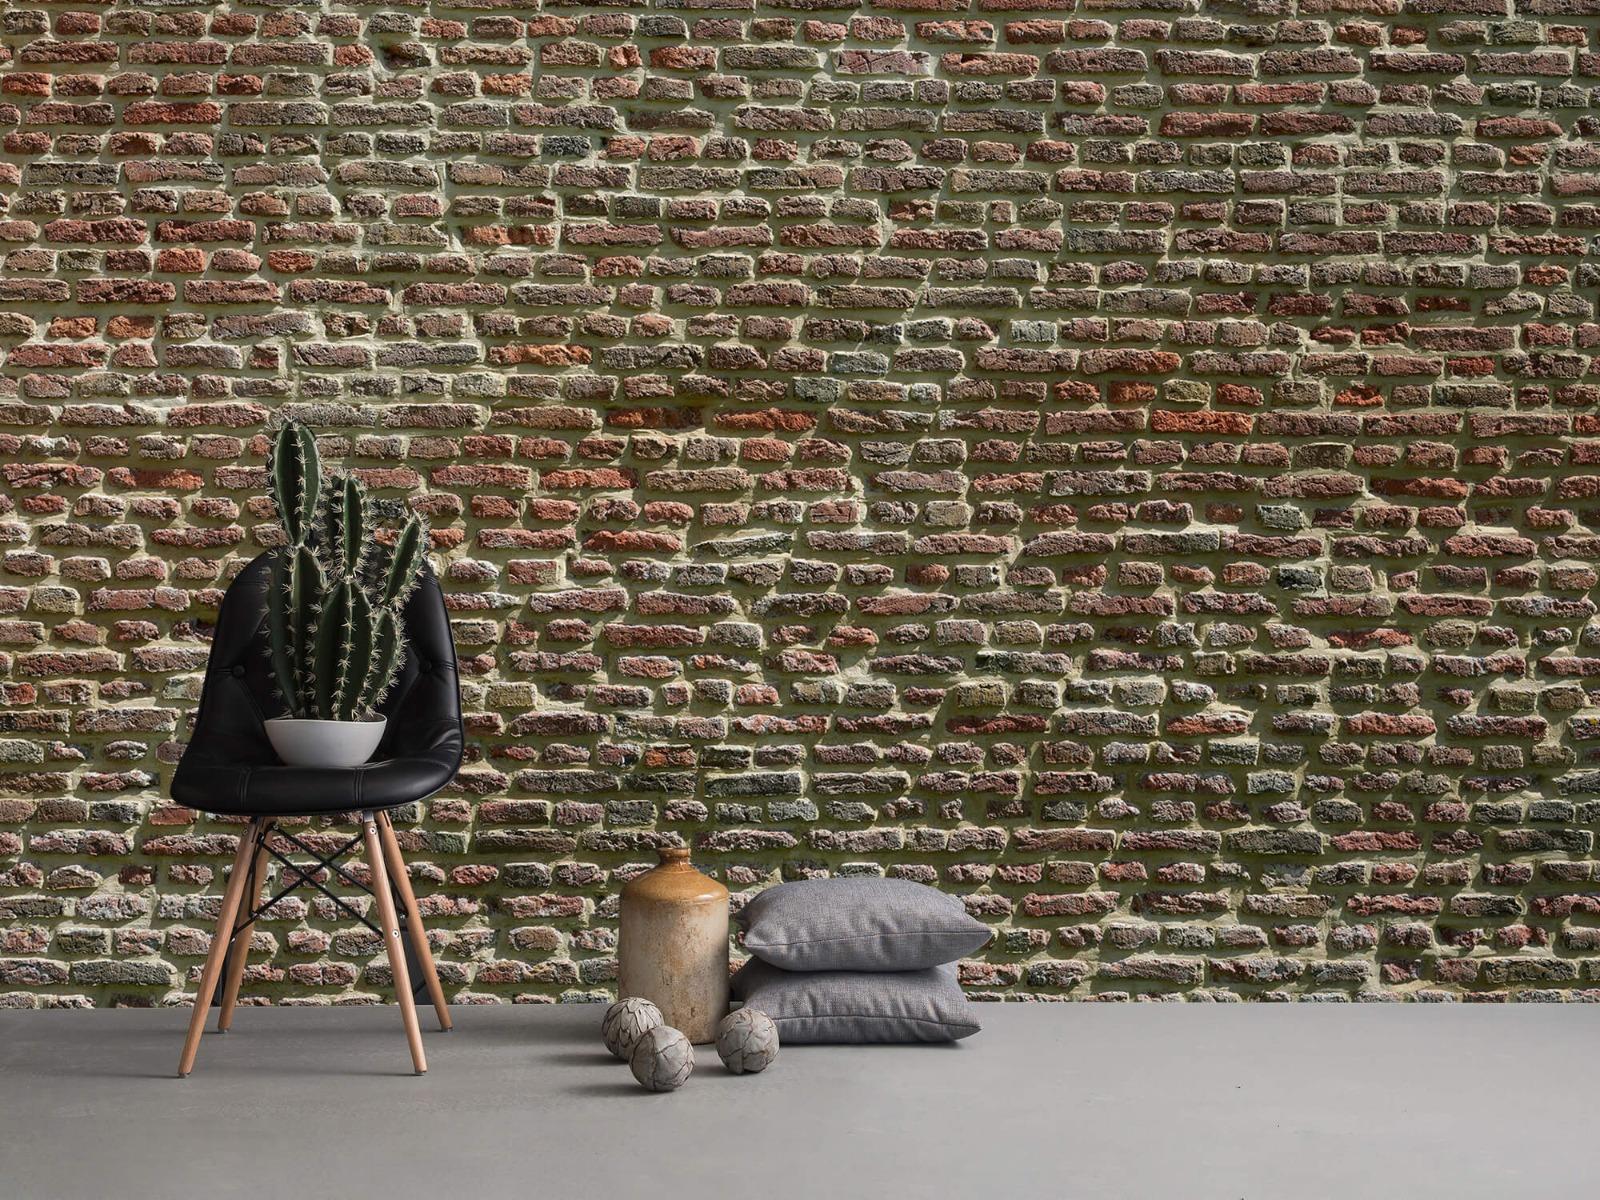 Stenen - Muur van oude bakstenen 15